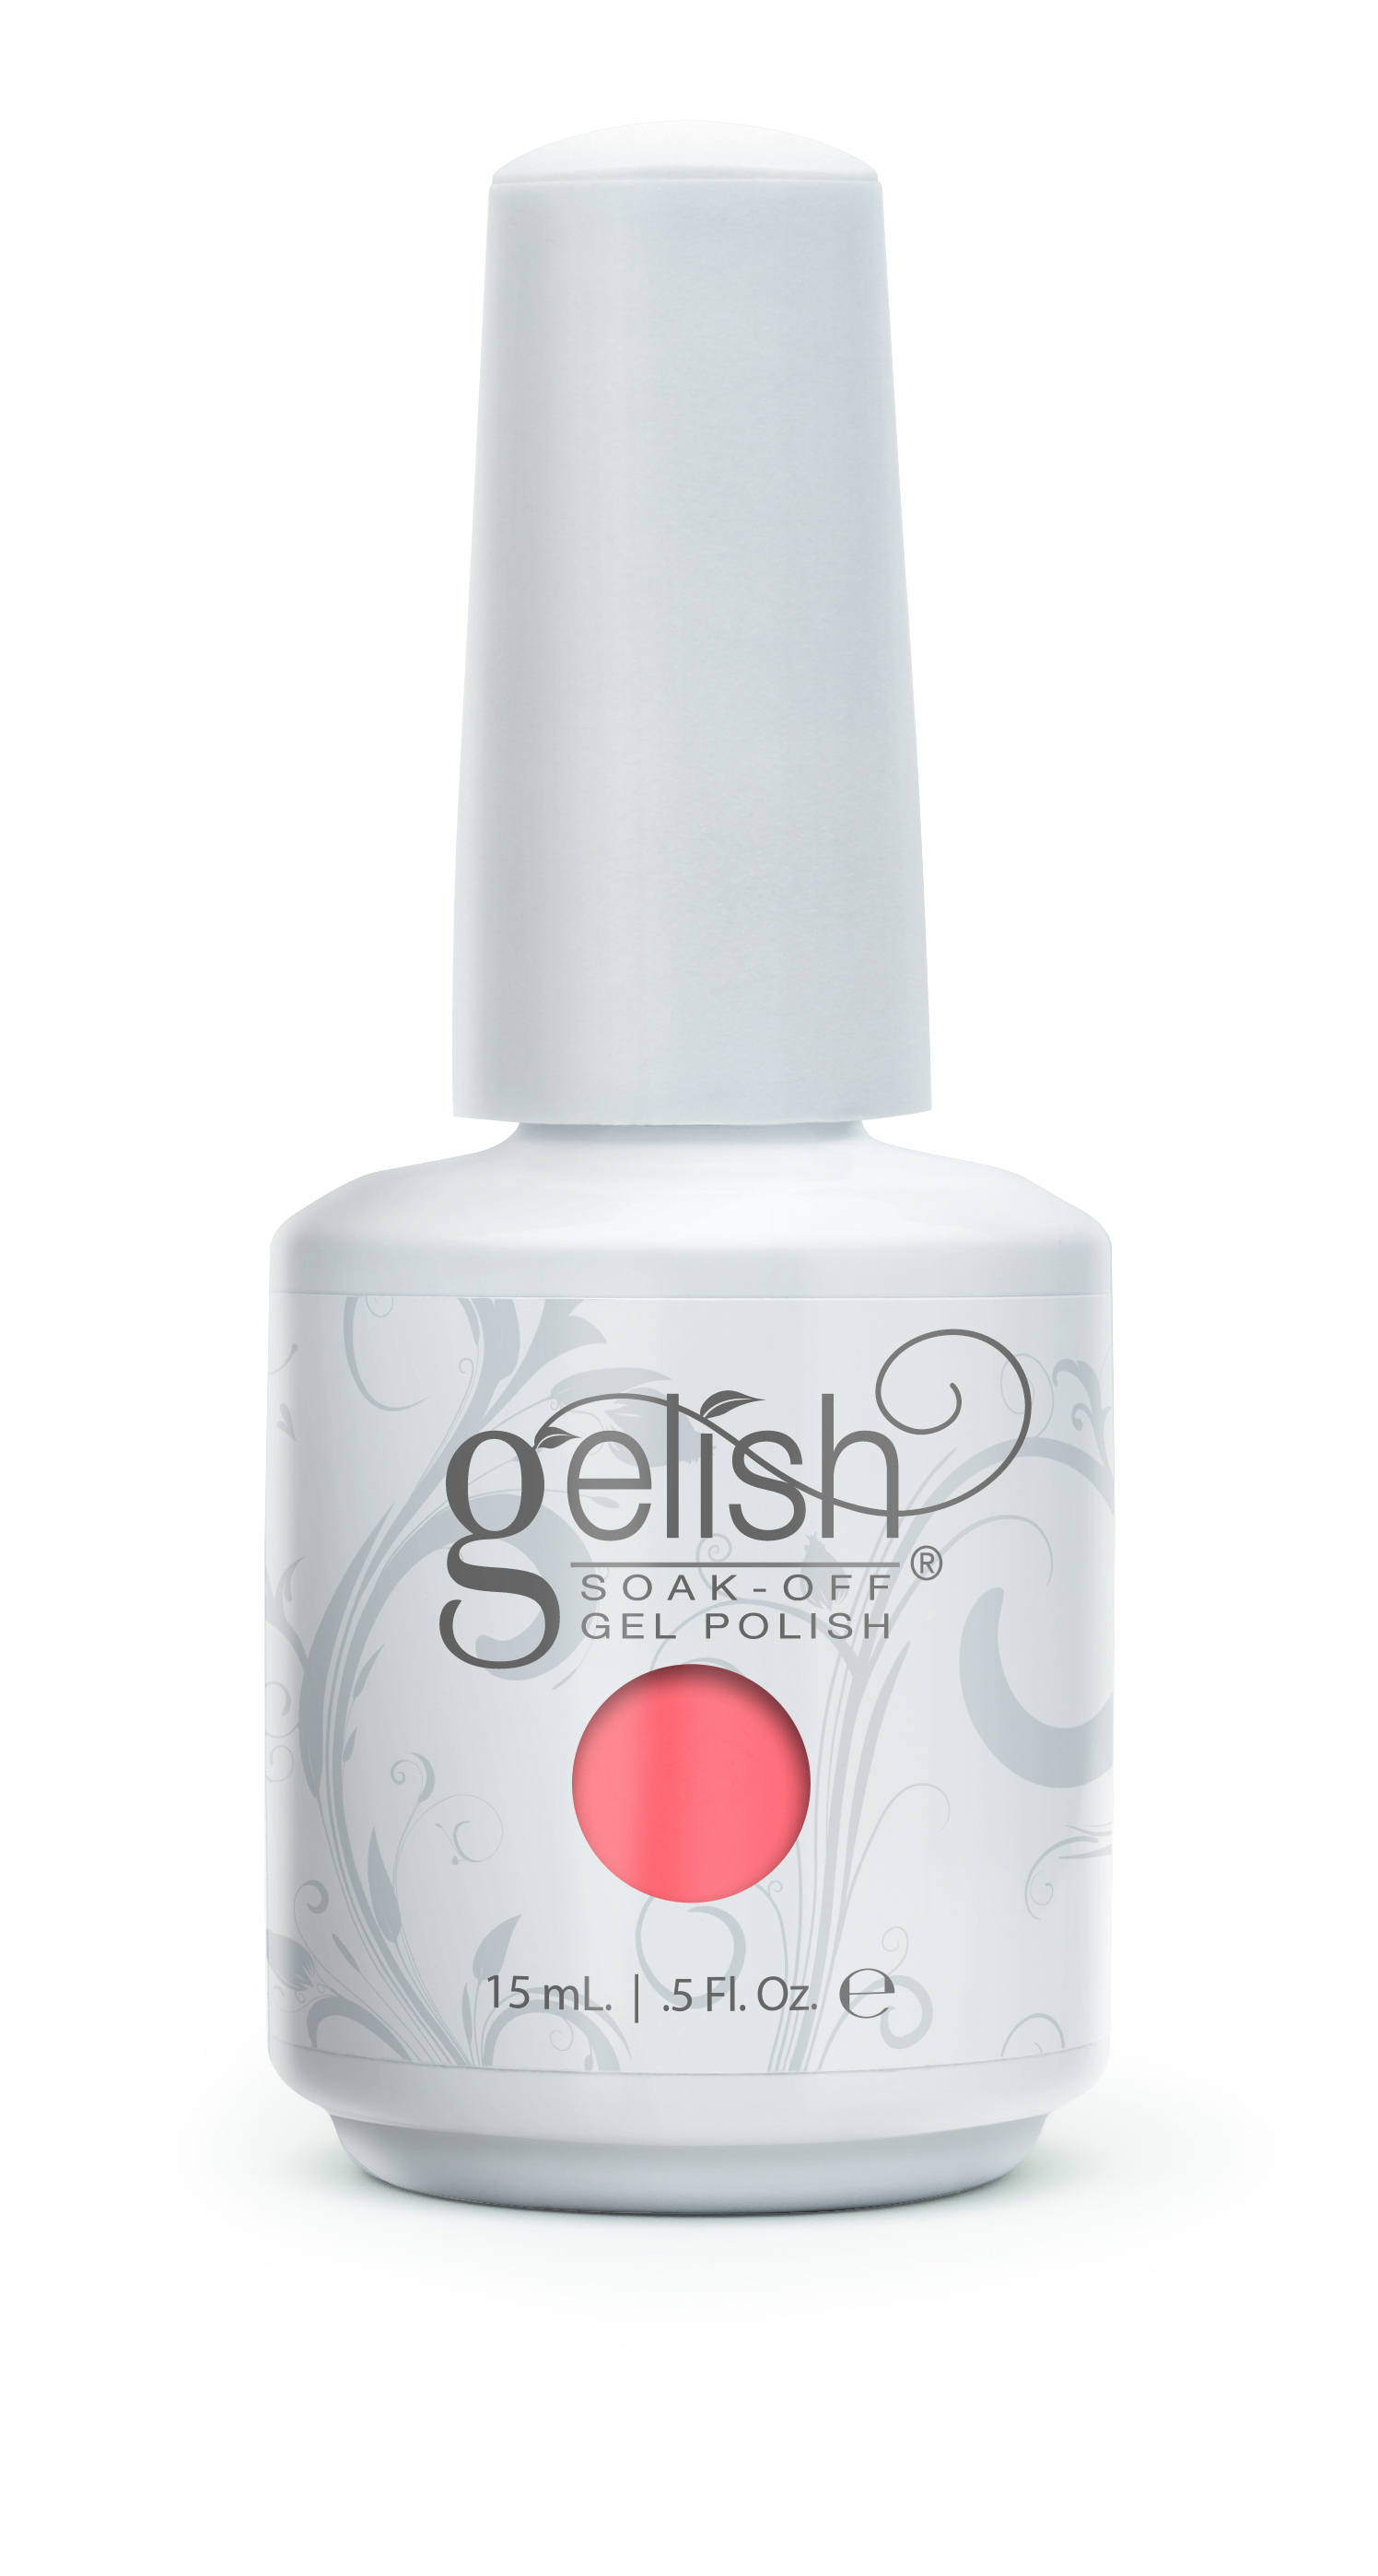 GELISH Гель-лак My Carriage Awaits / GELISH 15млГель-лаки<br>Гель-лак Gelish наносится на ноготь как лак, с помощью кисточки под колпачком. Процедура нанесения схожа с&amp;nbsp;нанесением обычного цветного покрытия. Все гель-лаки Harmony Gelish выполняют функцию еще и укрепляющего геля, делая ногти более прочными и длинными. Ногти клиента находятся под защитой гель-лака, они не ломаются и не расслаиваются. Гель-лаки Gelish после сушки в LED или УФ лампах держатся на натуральных ногтях рук до 3 недель, а на ногтях ног до 5 недель. Способ применения: Подготовительный этап. Для начала нужно сделать маникюр. В зависимости от ваших предпочтений это может быть европейский, классический обрезной, СПА или аппаратный маникюр. Главное, сдвинуть кутикулу с ногтевого ложа и удалить ороговевшие участки кожи вокруг ногтей. Особенностью этой системы является то, что перед нанесением базового слоя необходимо обработать ноготь шлифовочным бафом Harmony Buffer 100/180 грит, для того, чтобы снять глянец. Это поможет улучшить сцепку покрытия с ногтем. Пыль, которая осталась после опила, излишки жира и влаги удаляются с помощью обезжиривателя Бондер / GELISH pH Bond 15&amp;nbsp;мл или любого другого дегитратора. Нанесение искусственного покрытия Harmony.&amp;nbsp; После того, как подготовительные процедуры завершены, можно приступать непосредственно к нанесению искусственного покрытия Harmony Gelish. Как и все гелевые лаки, продукцию этого бренда необходимо полимеризовать в лампе. Гель-лаки Gelish сохнут (полимеризуются) под LED или УФ лампой. Время полимеризации: В LED лампе 18G/6G = 30 секунд В LED лампе Gelish Mini Pro = 45 секунд В УФ лампах 36 Вт = 120 секунд В УФ лампе Harmony Mini Portable UV Light = 180 секунд ПРИМЕЧАНИЕ: подвергать полимеризации необходимо каждый слой гель-лакового покрытия! 1)Первым наносится тонкий слой базового покрытия Gelish Foundation Soak Off Base Gel 15 мл. 2)Следующий шаг   нанесение цветного гель-лака Harmony Gelish.&amp;nbsp; 3)Заключительный этап На